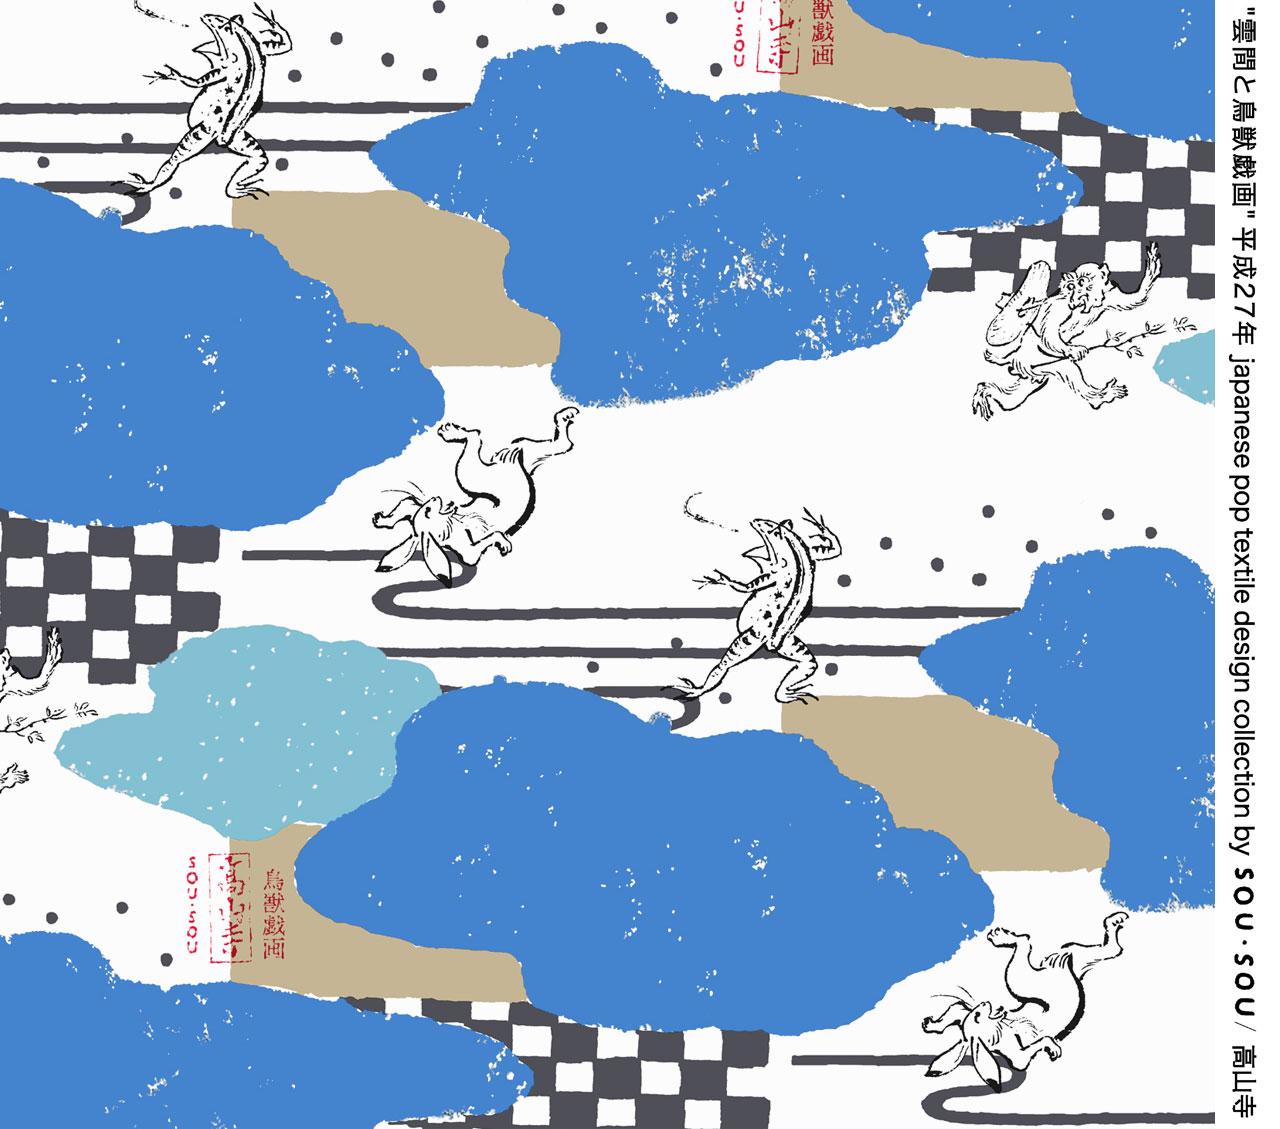 SOU・SOU/高山寺 『雲間と鳥獣戯画』 − 今までに無いポップな『雲間と鳥獣戯画』 TOPペ